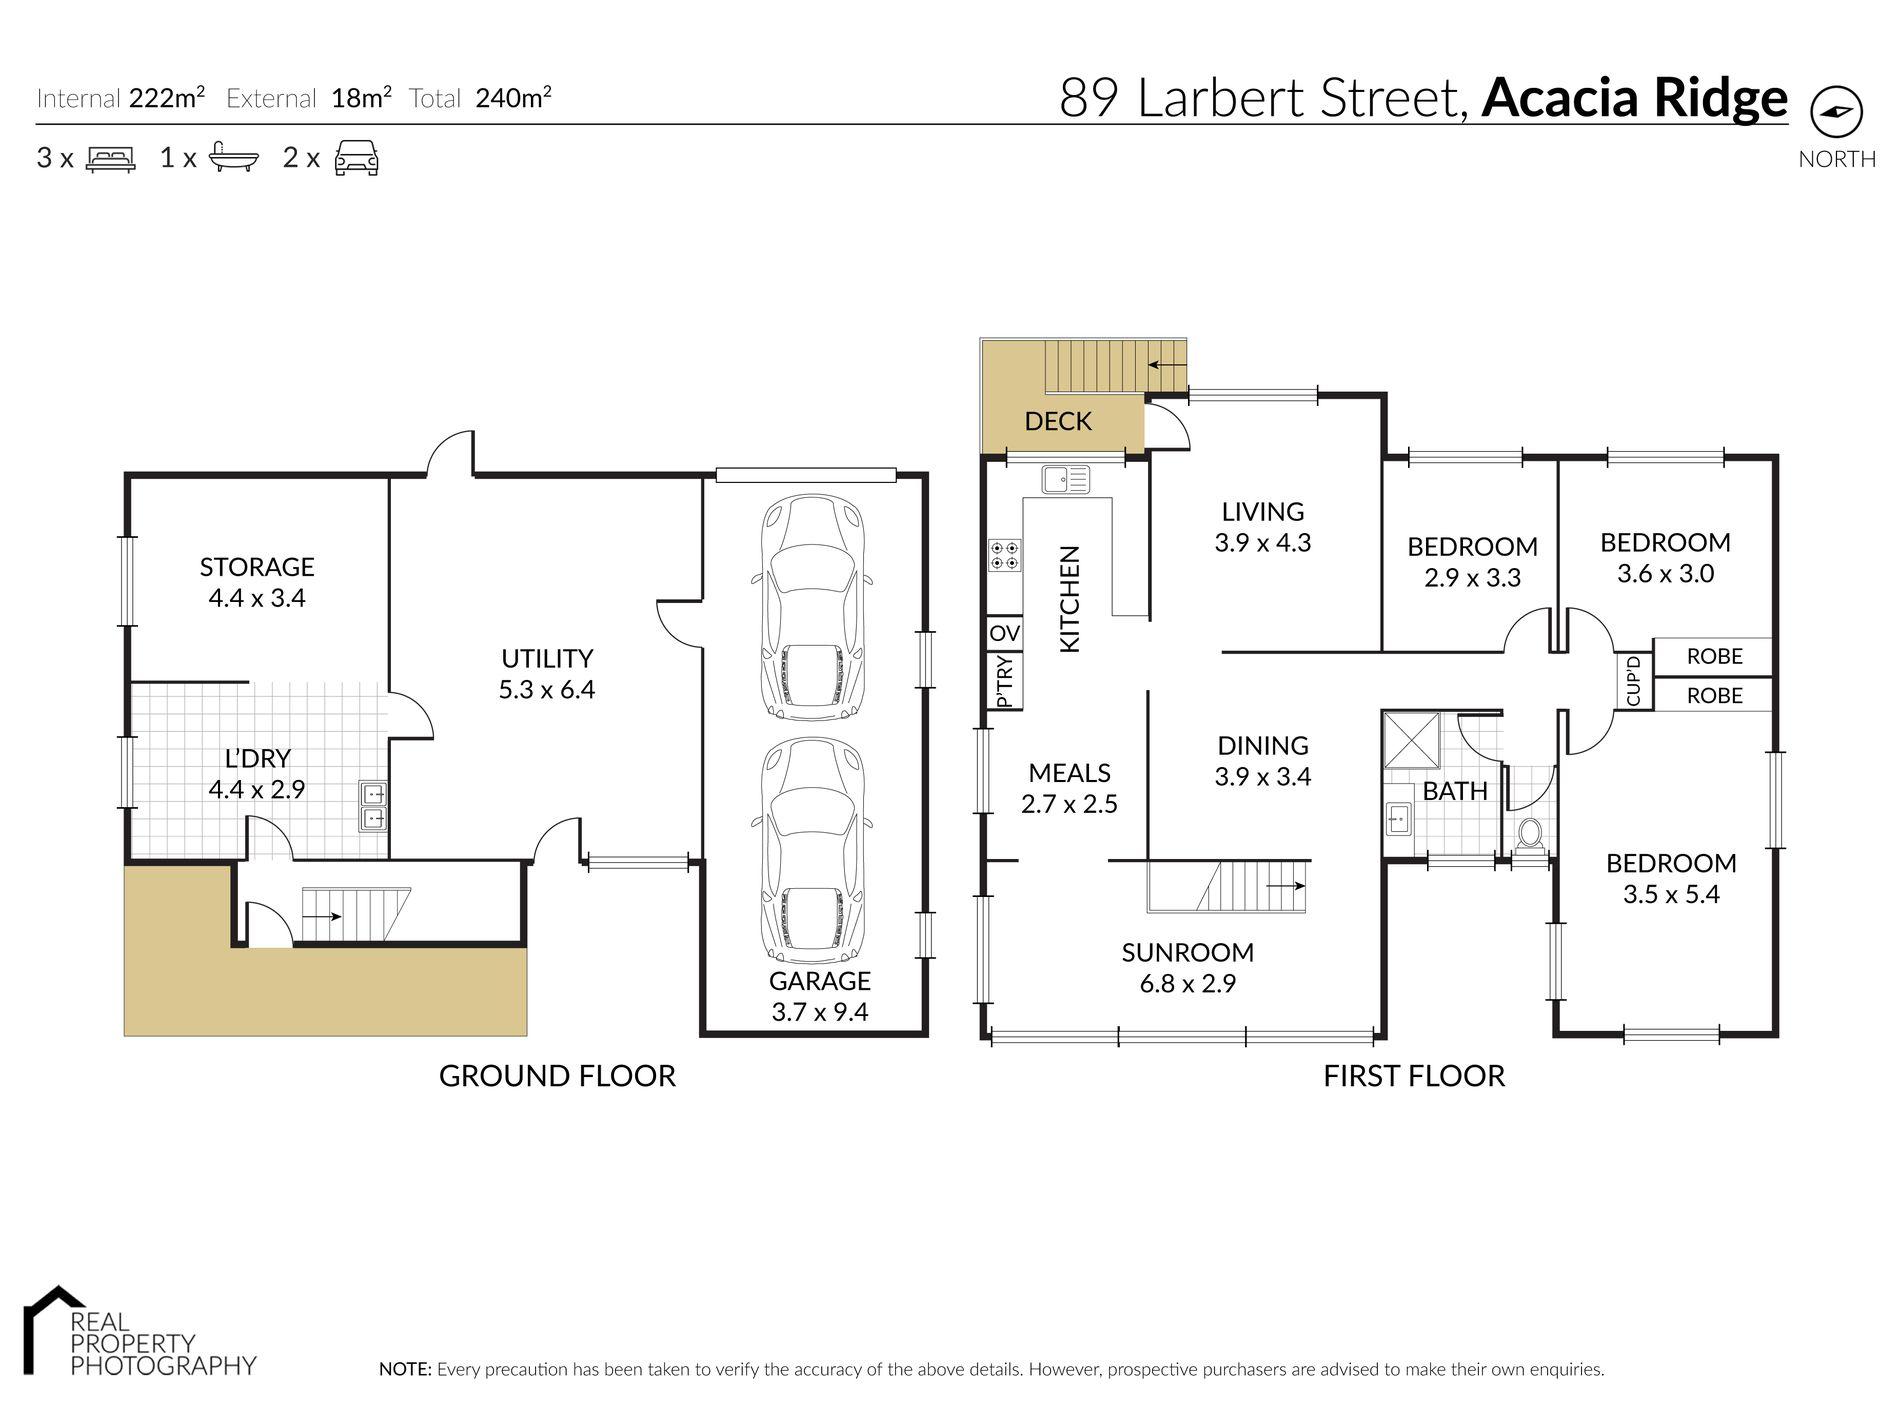 89 Larbert Street, Acacia Ridge